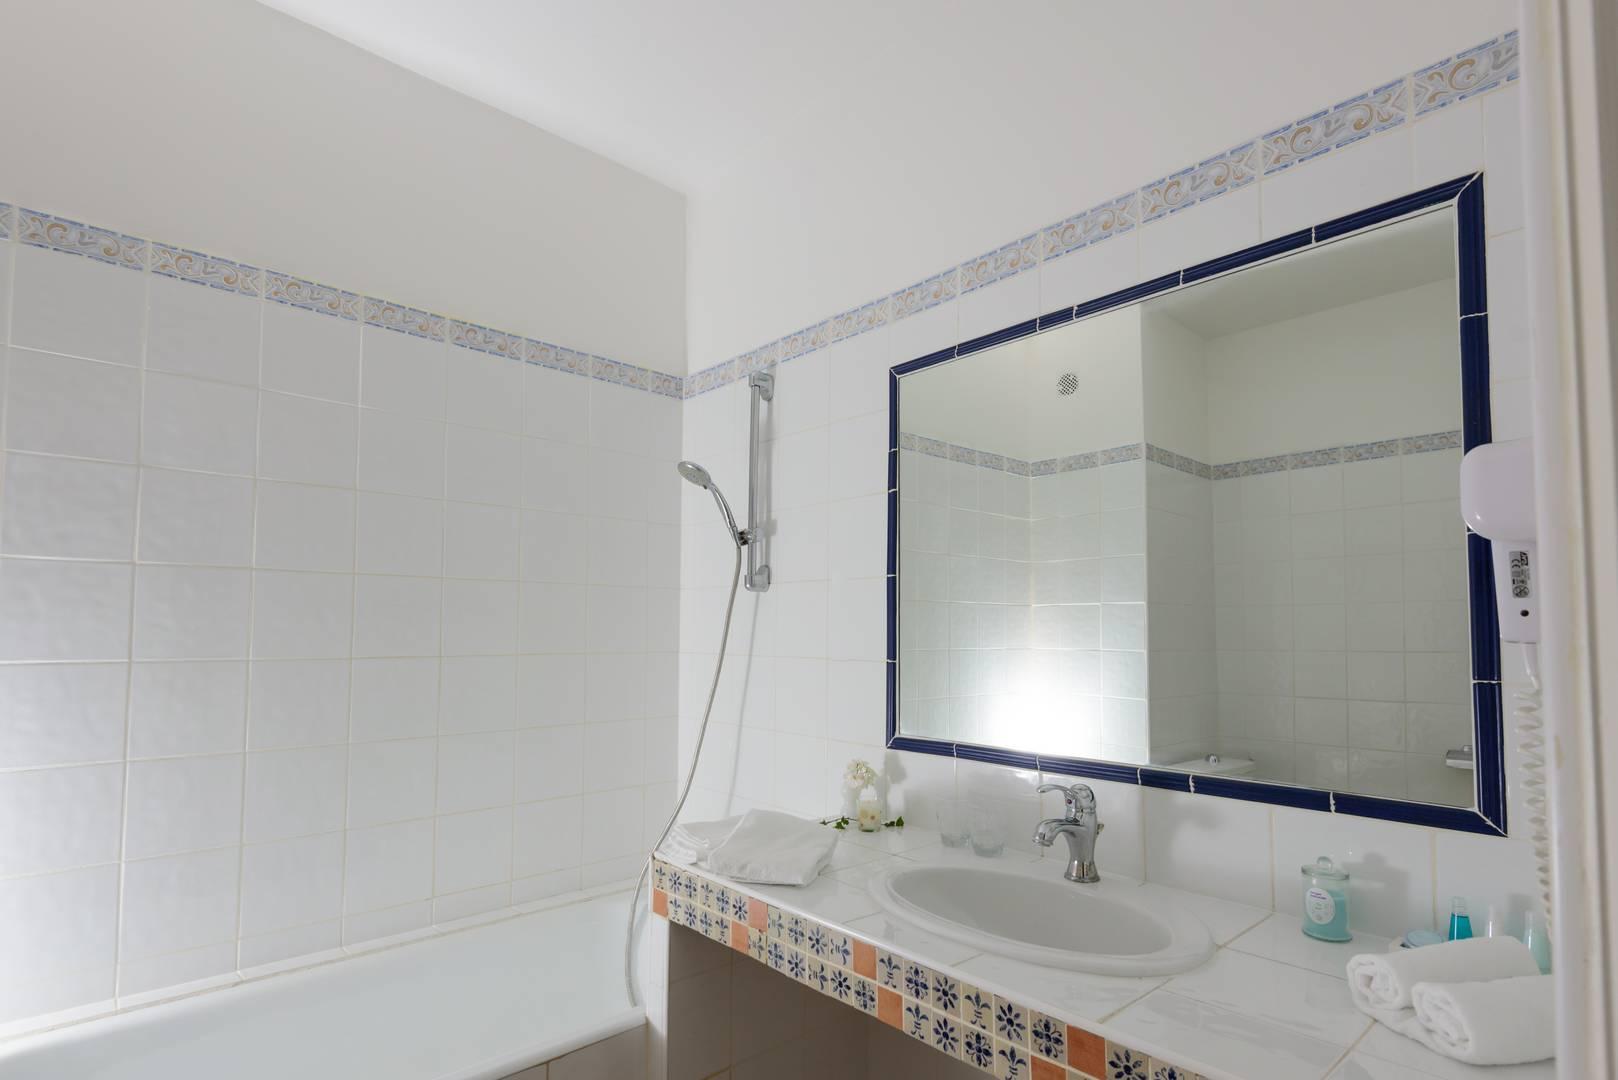 Miroir salle de bain chambre d'hôtel